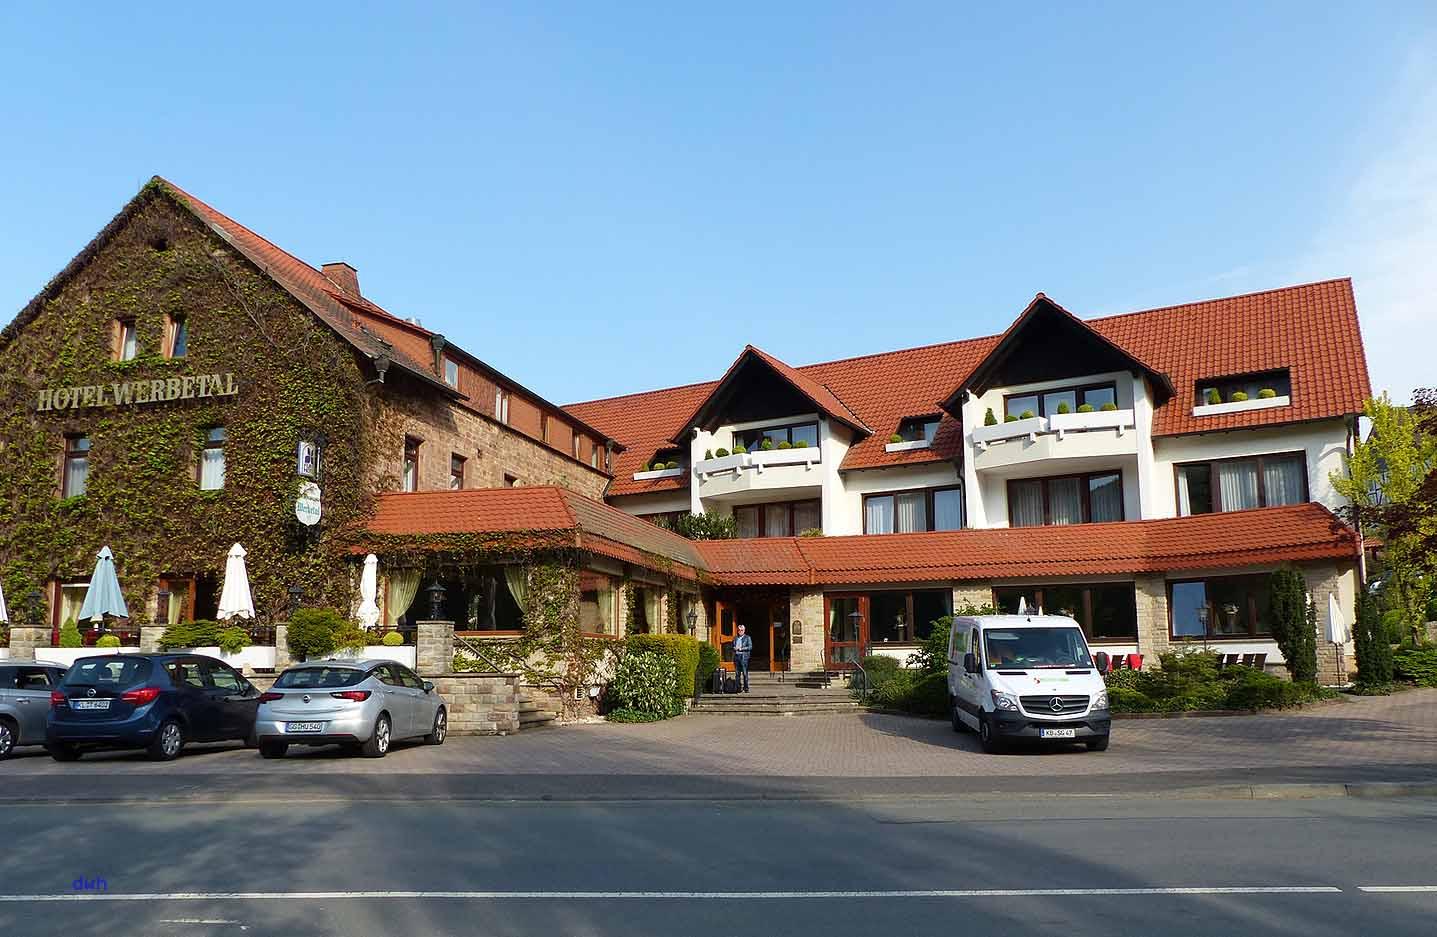 Zu den Partnerhotels des Natonalparks gehört das Hotel Werbetal